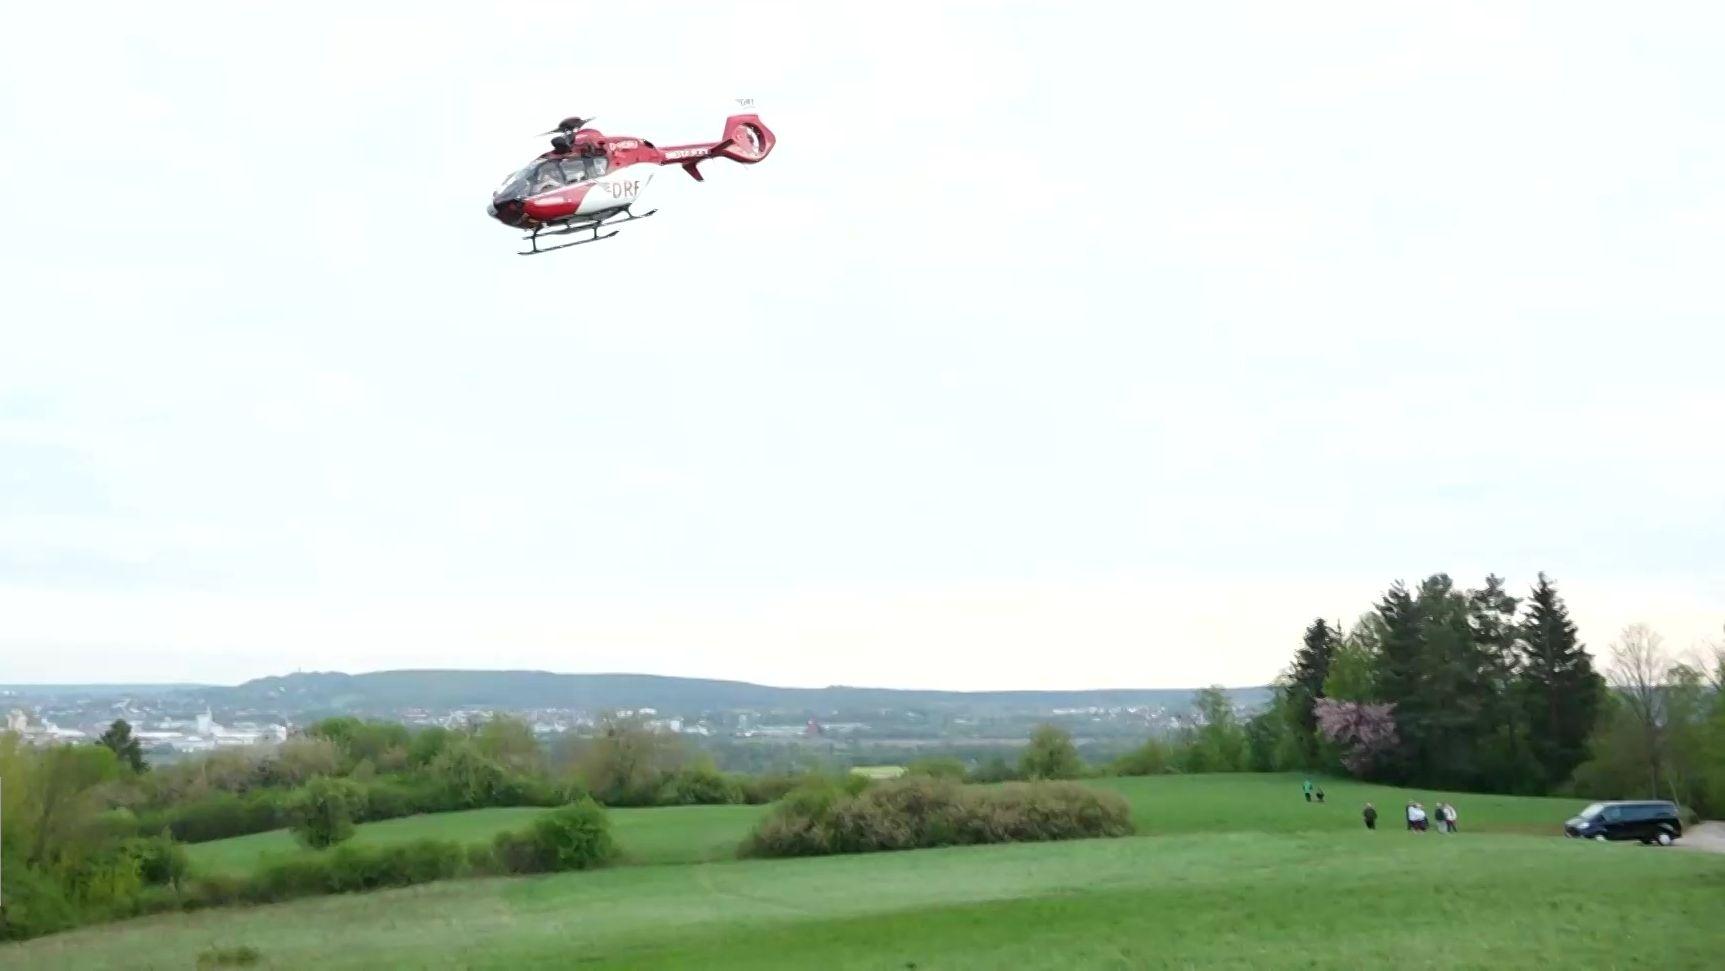 Ein rot-weißer Rettungshubschrauber fliegt über einer Wiese